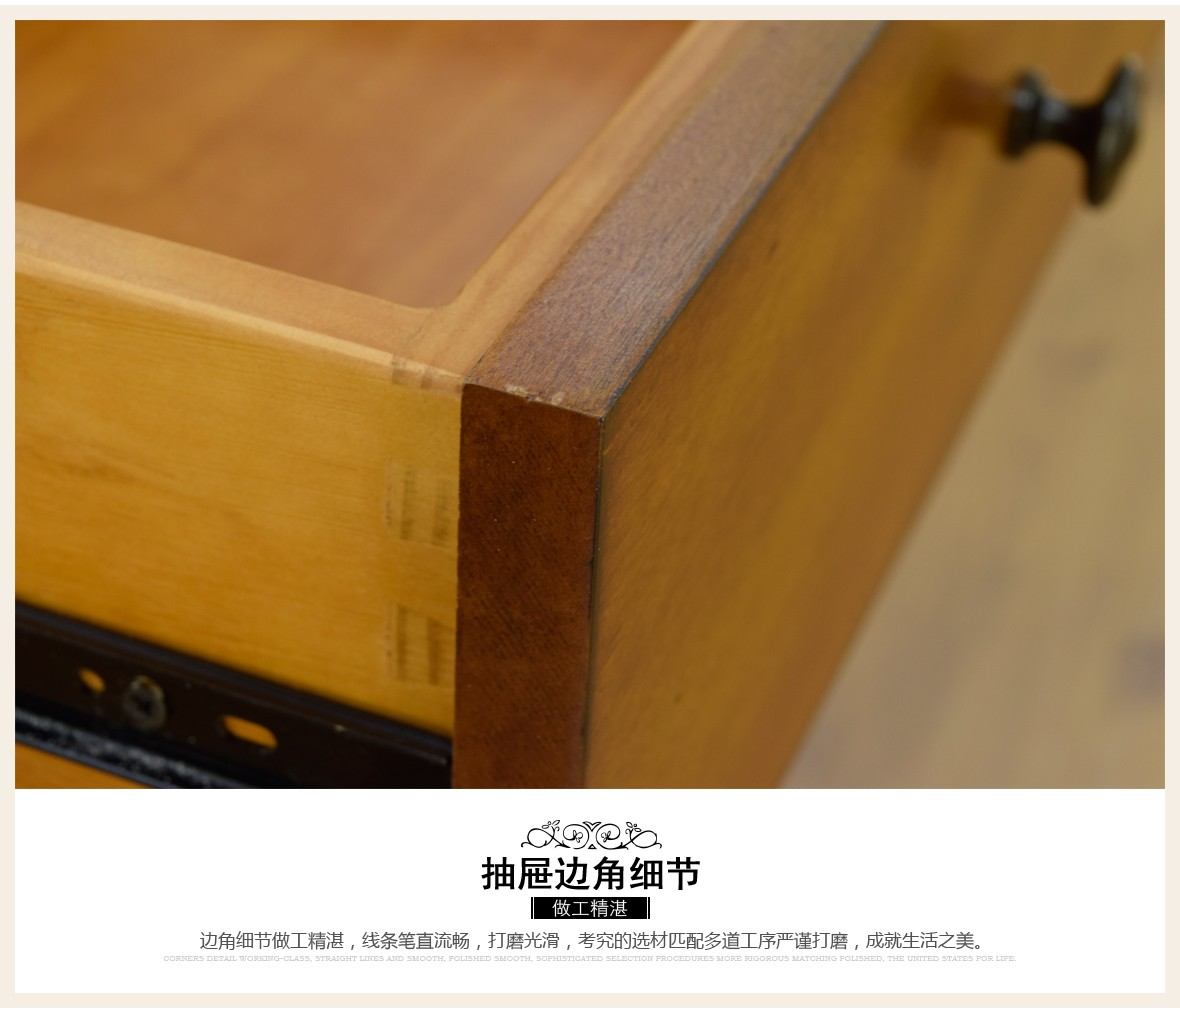 黎曼·艺术家 LM-A24型号实木床边柜 美国优质樱桃木 商品细节